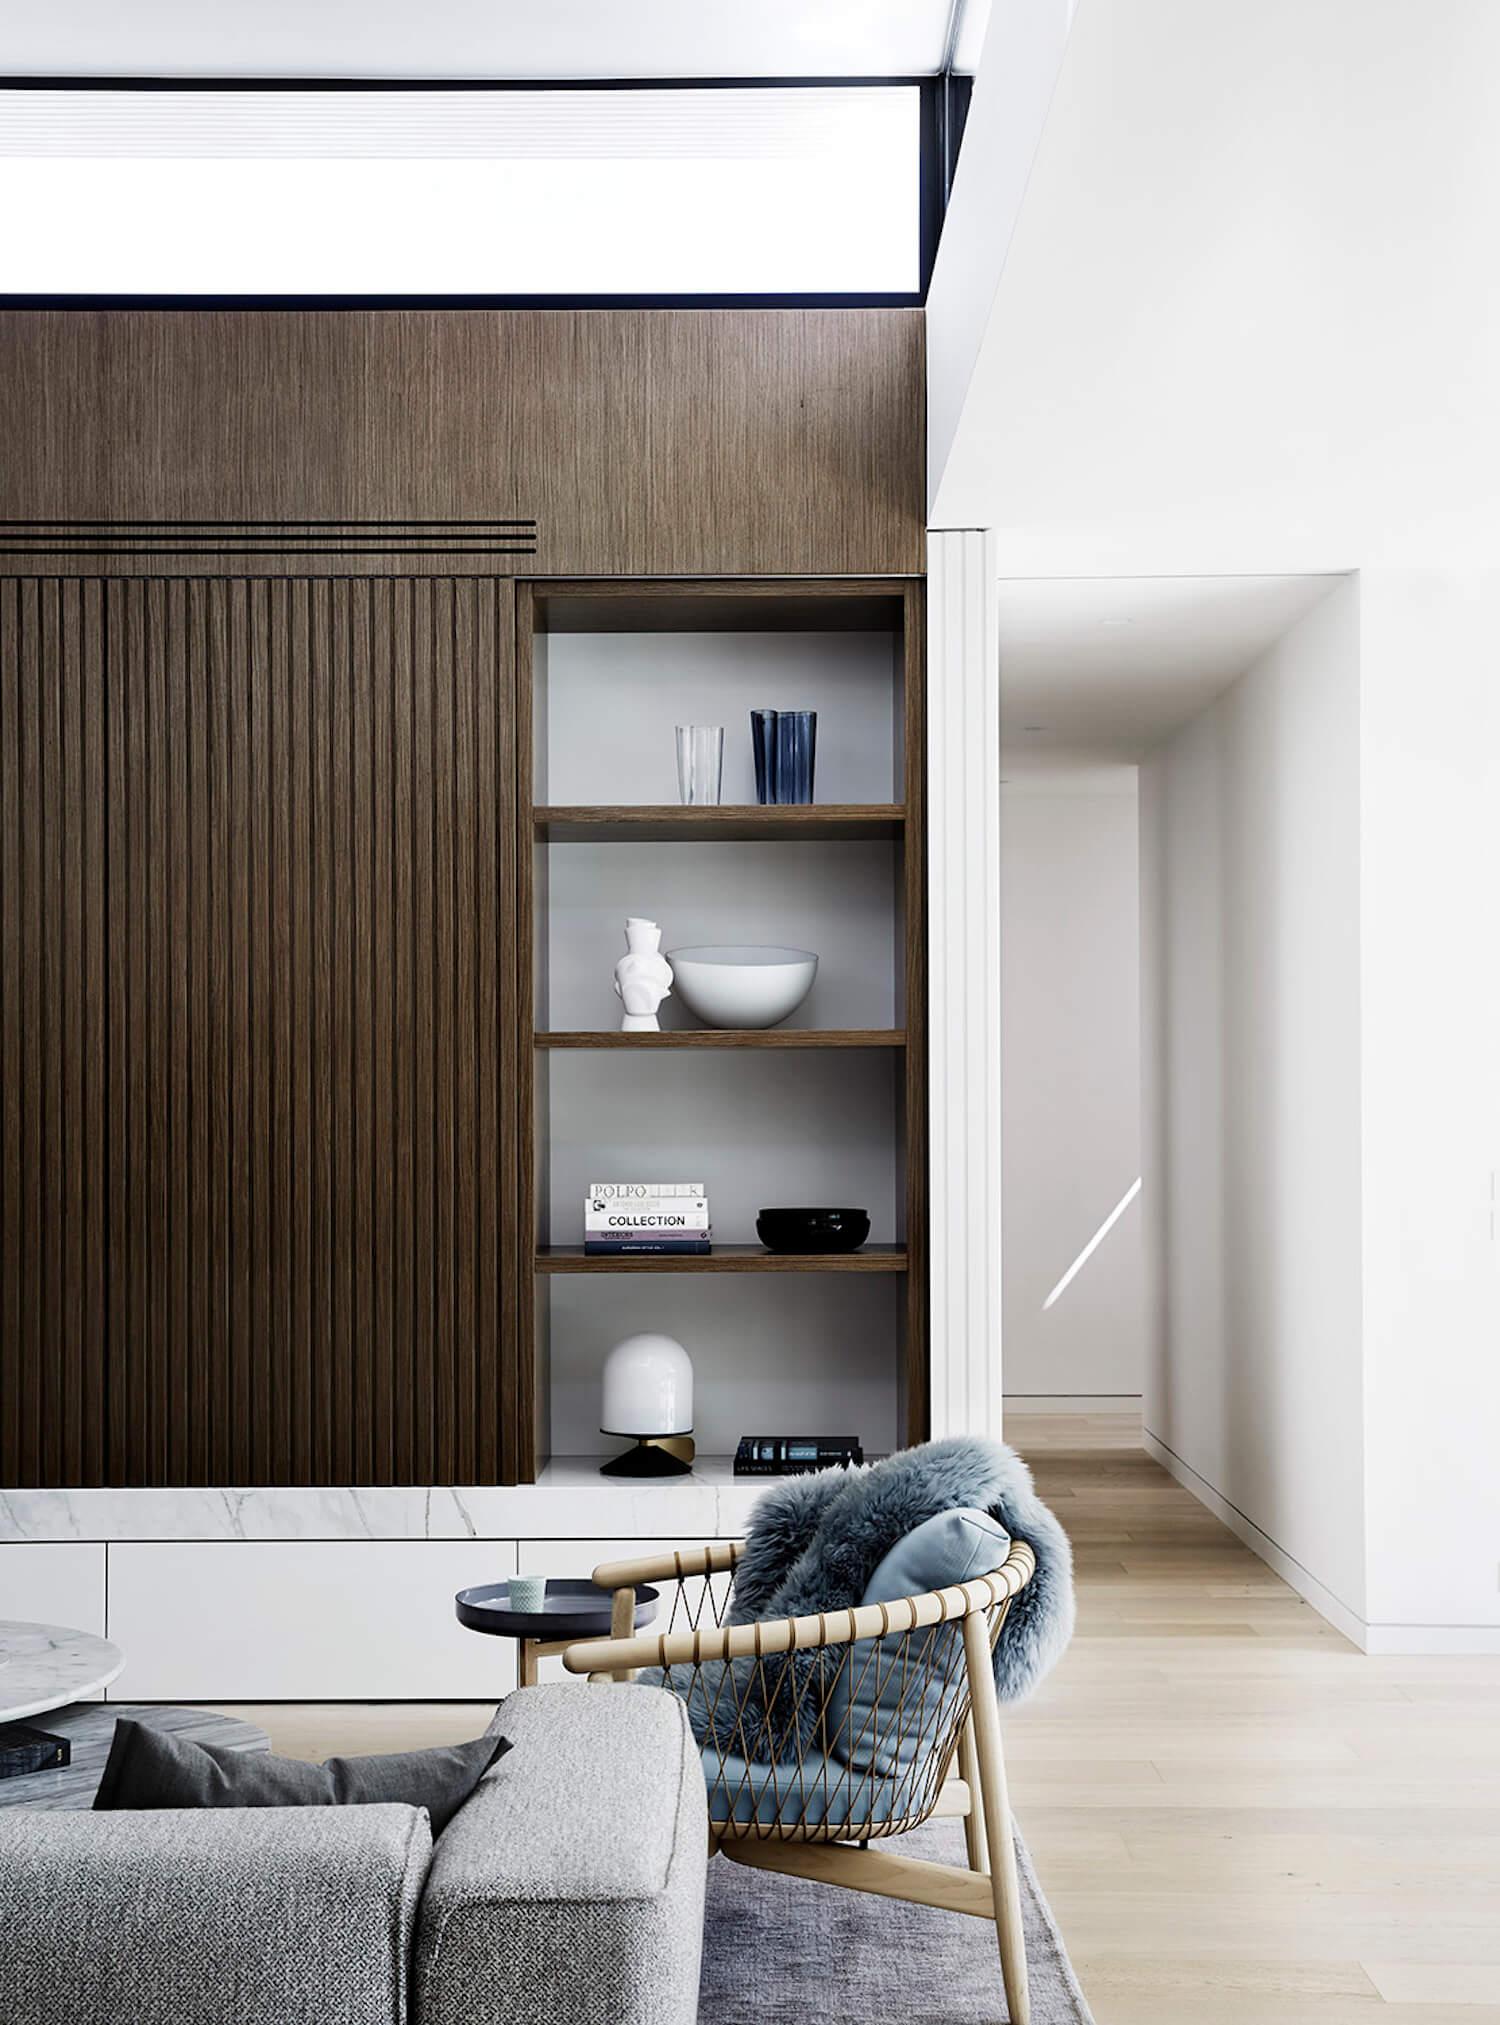 Est Living Mim Design Caulfield Home Sharyn Cairns 12